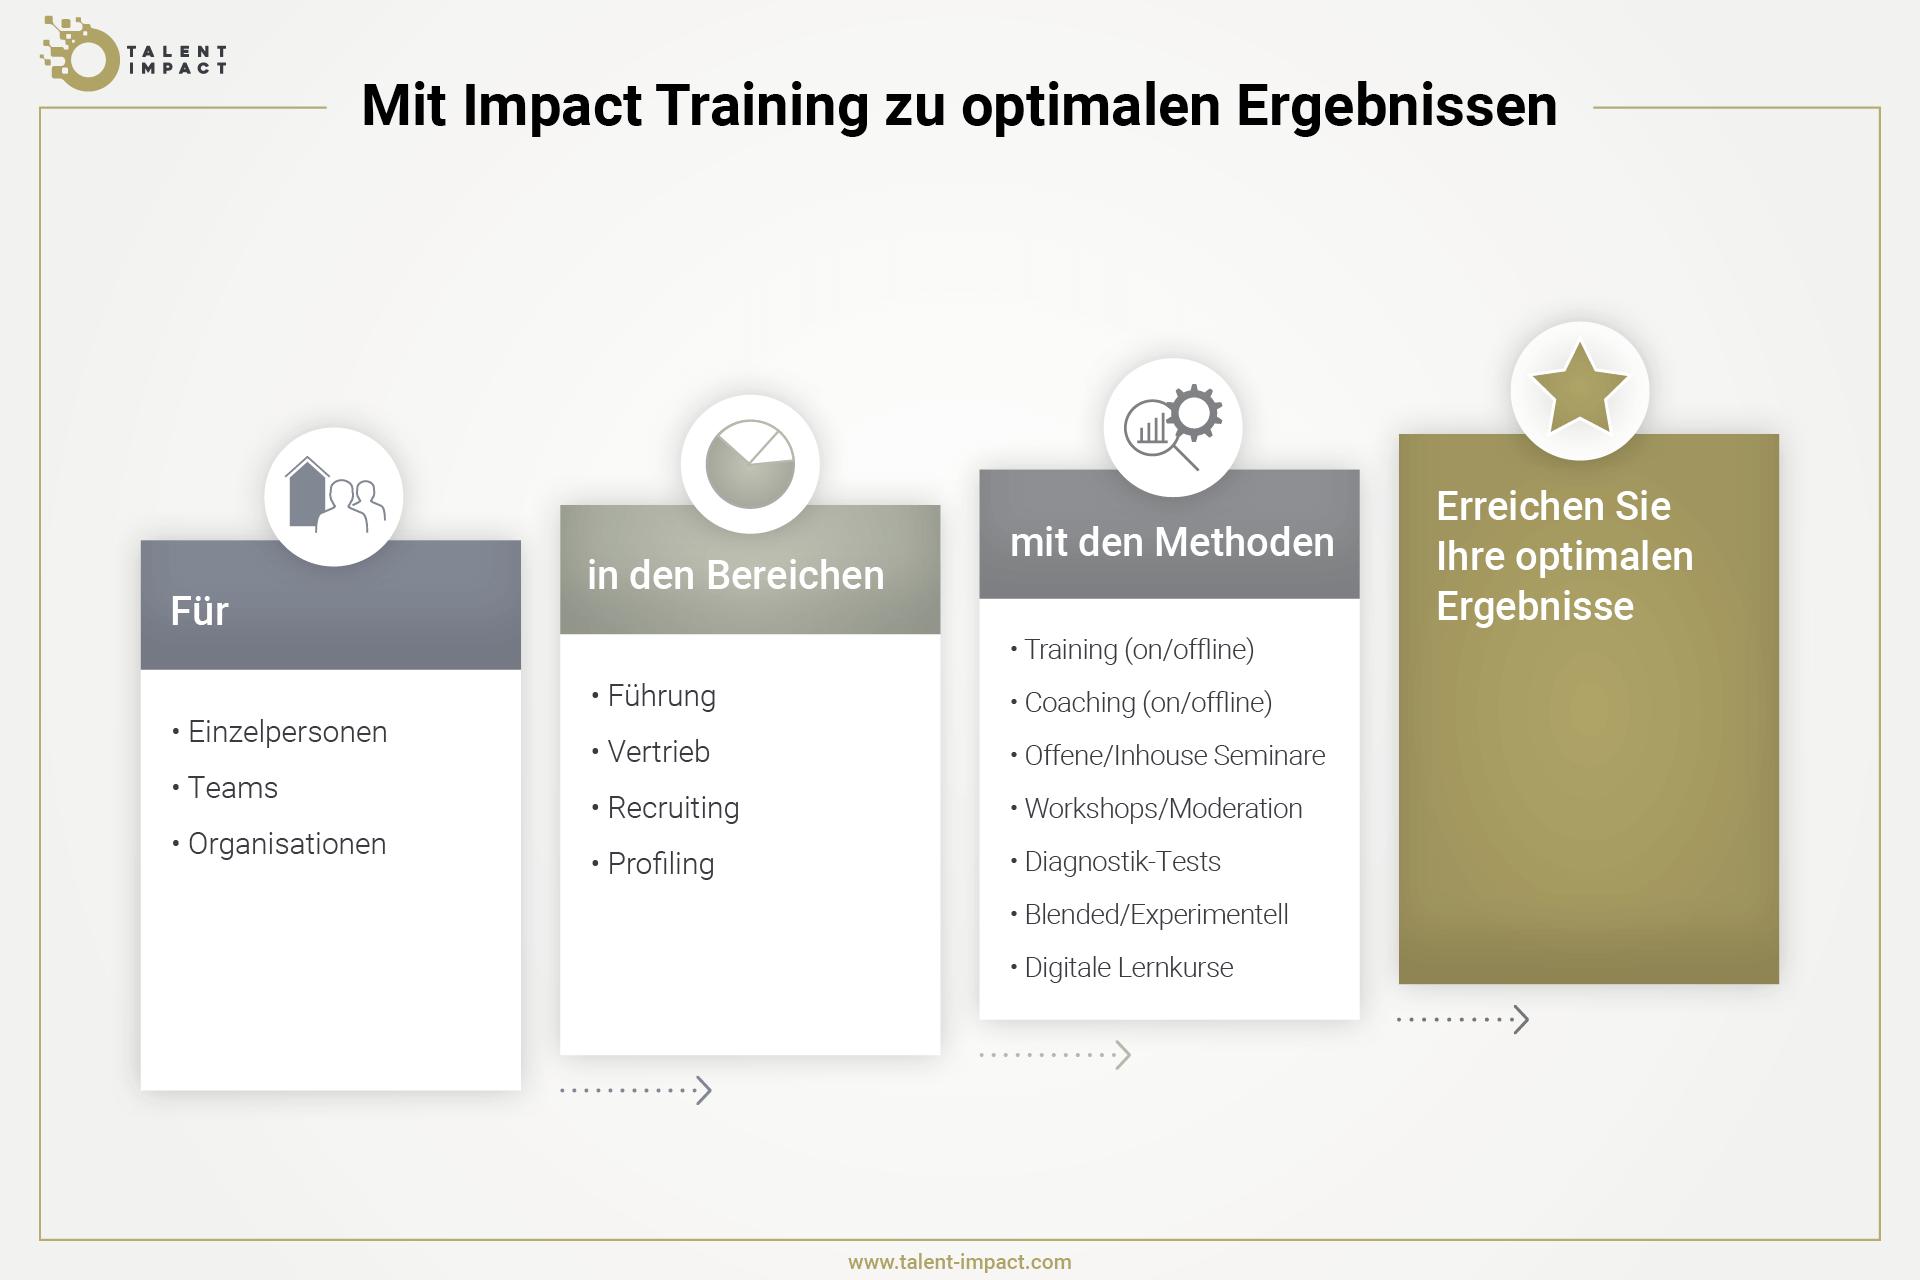 Grafik, die zeigt, wie Talent Impact Training mit Blended und experimentellen Kursinhalten kombiniert, um optimale Lernergebnisse zu erhalten